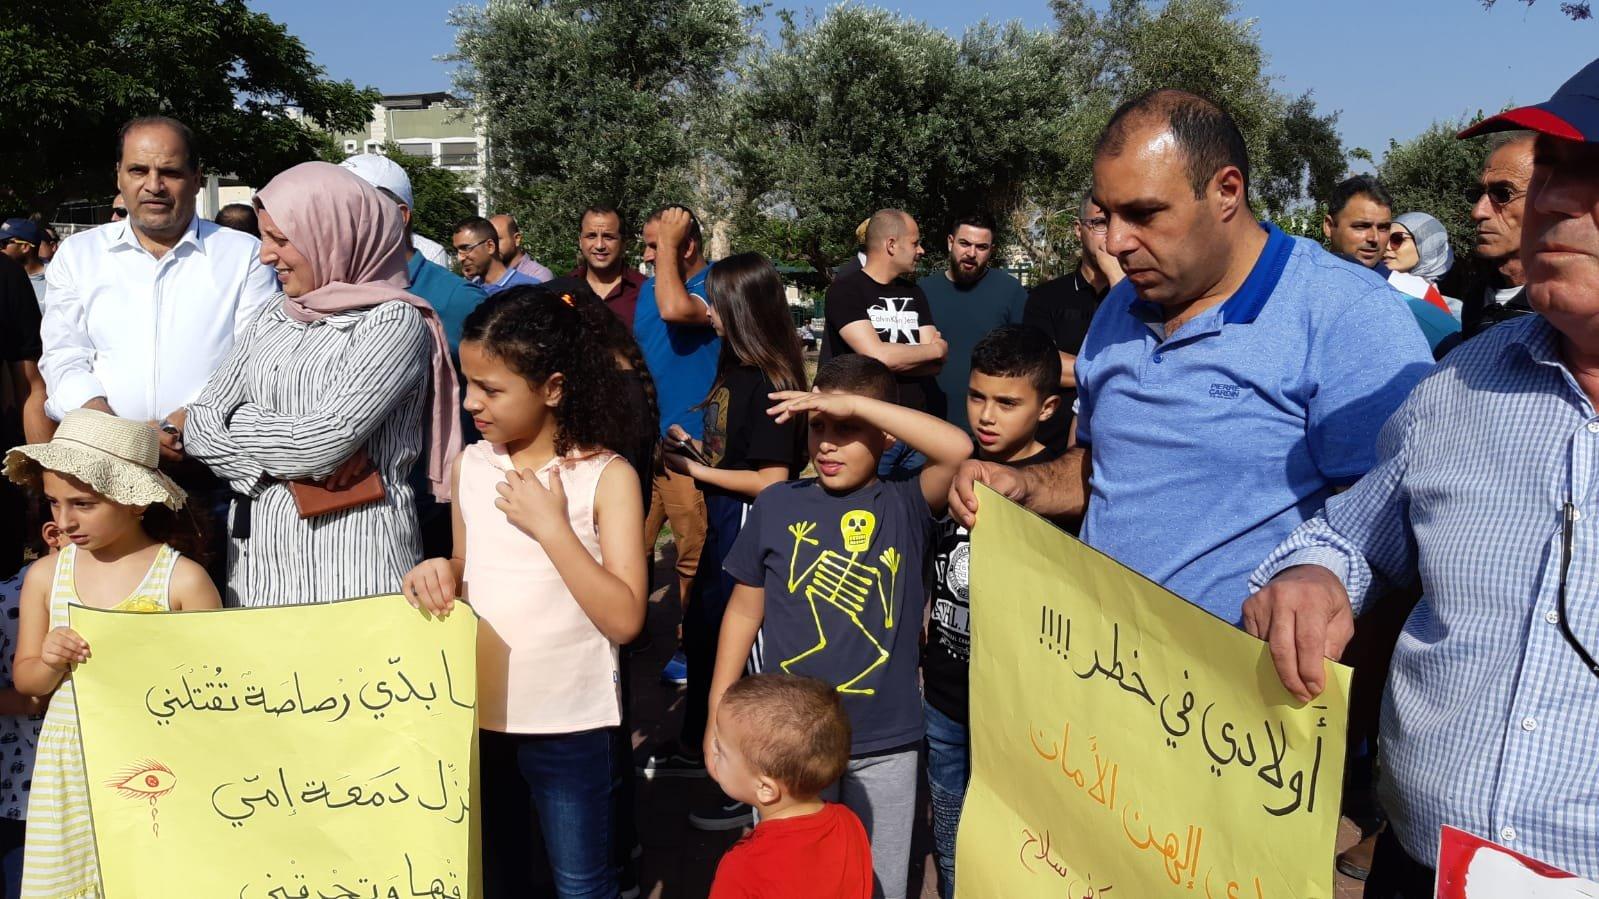 شفاعمرو تتظاهر ضد العنف